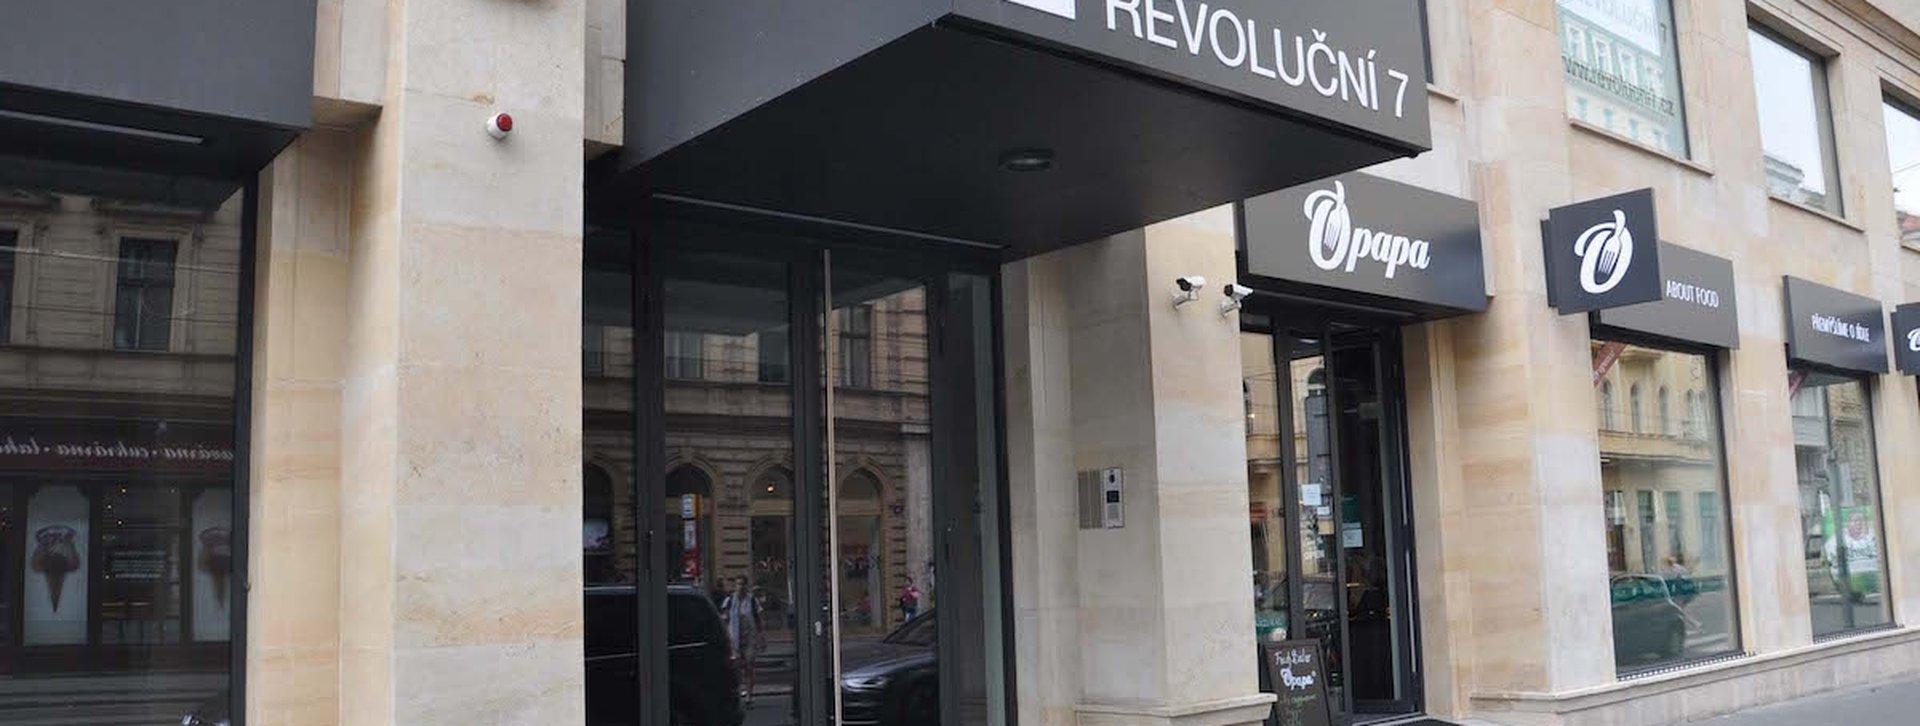 revolucni-4